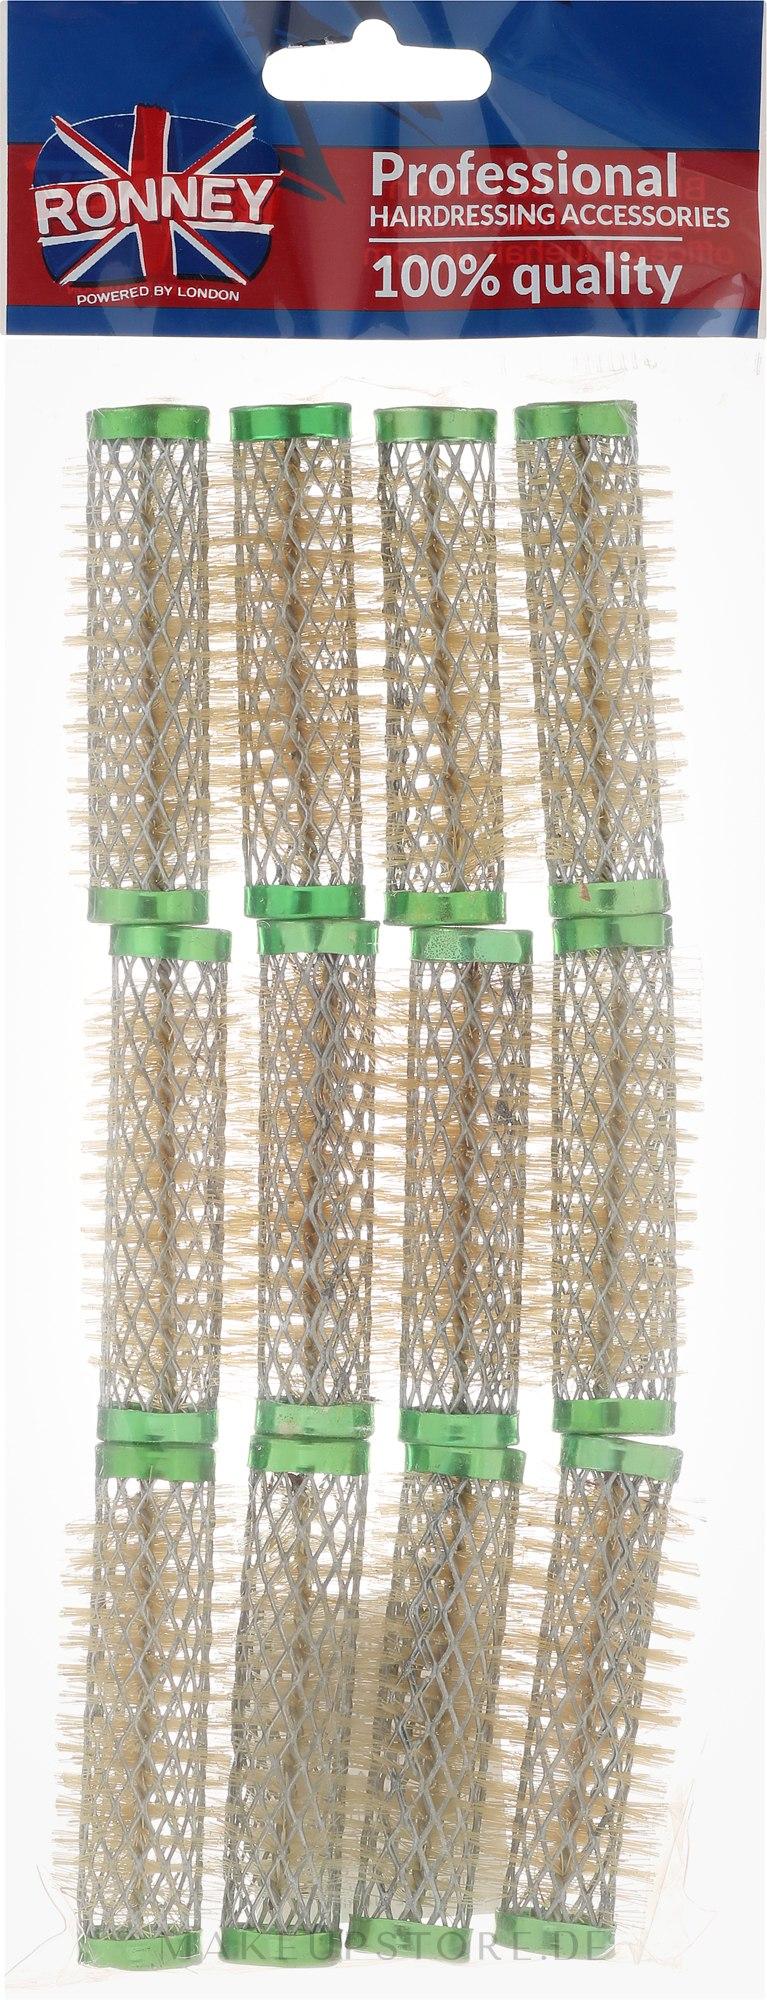 Drahtwickler 15/63 mm grün - Ronney Wire Curlers — Bild 12 St..